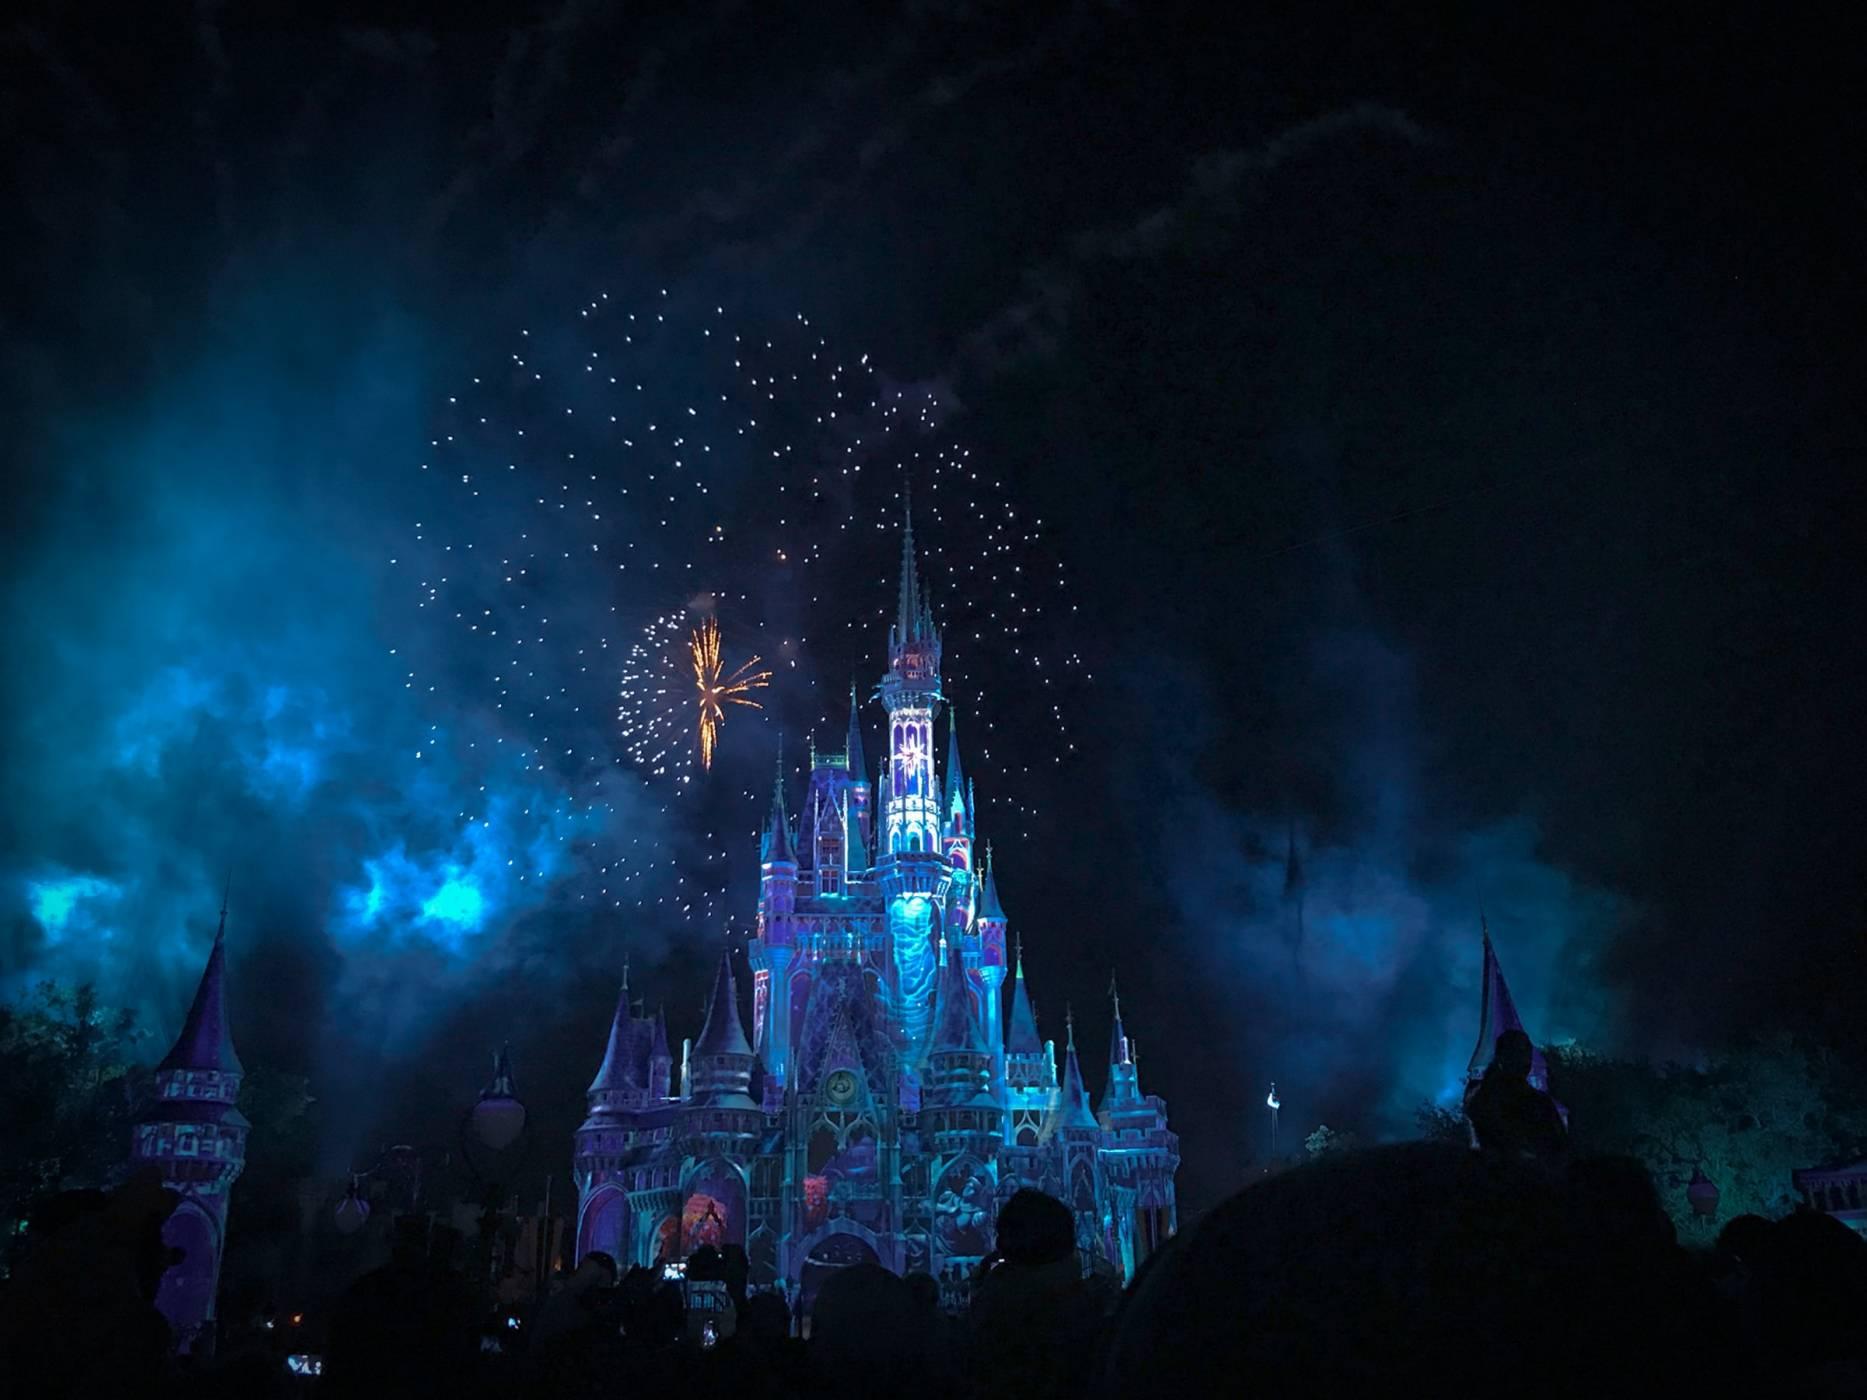 Експериментите на Disney+ може завинаги да променят начина, по който гледаме филми